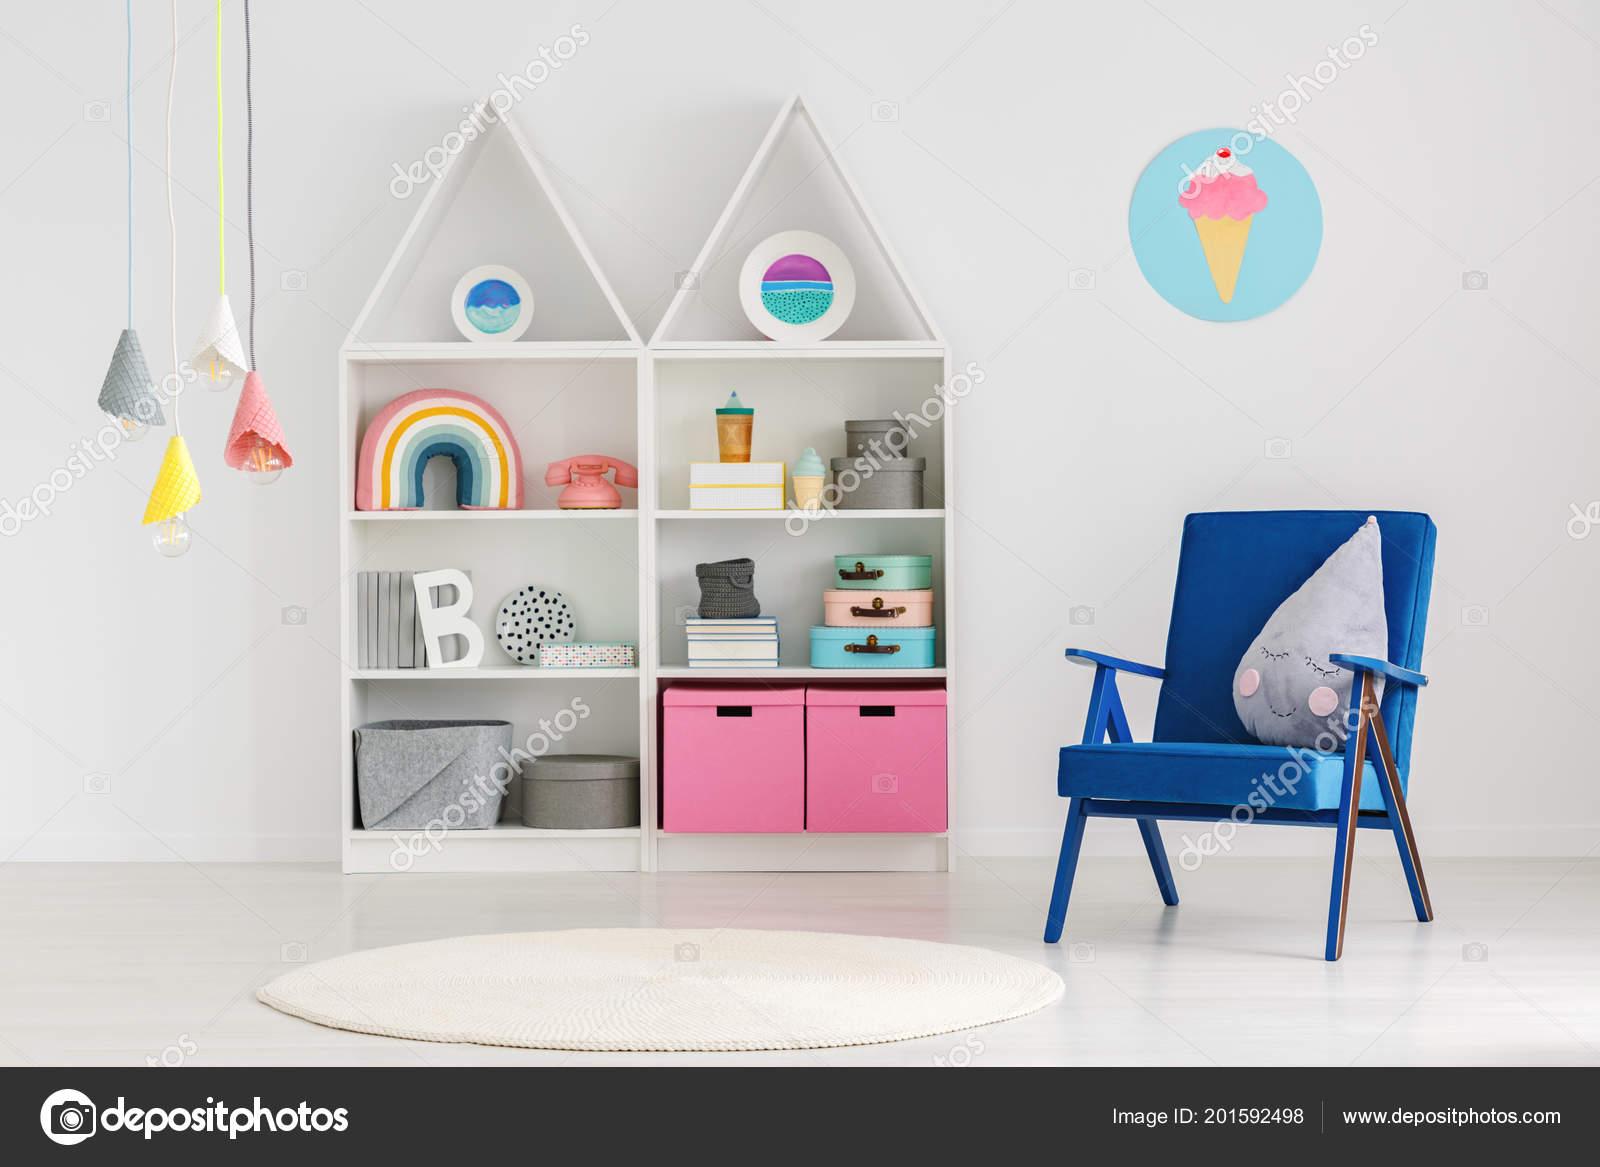 2141407c7db Πολυθρόνα Μπλε Φωτεινό Scandi Παιδικό Εσωτερικό Δωματίου Πολύχρωμα  Φωτιστικά Και — Φωτογραφία Αρχείου